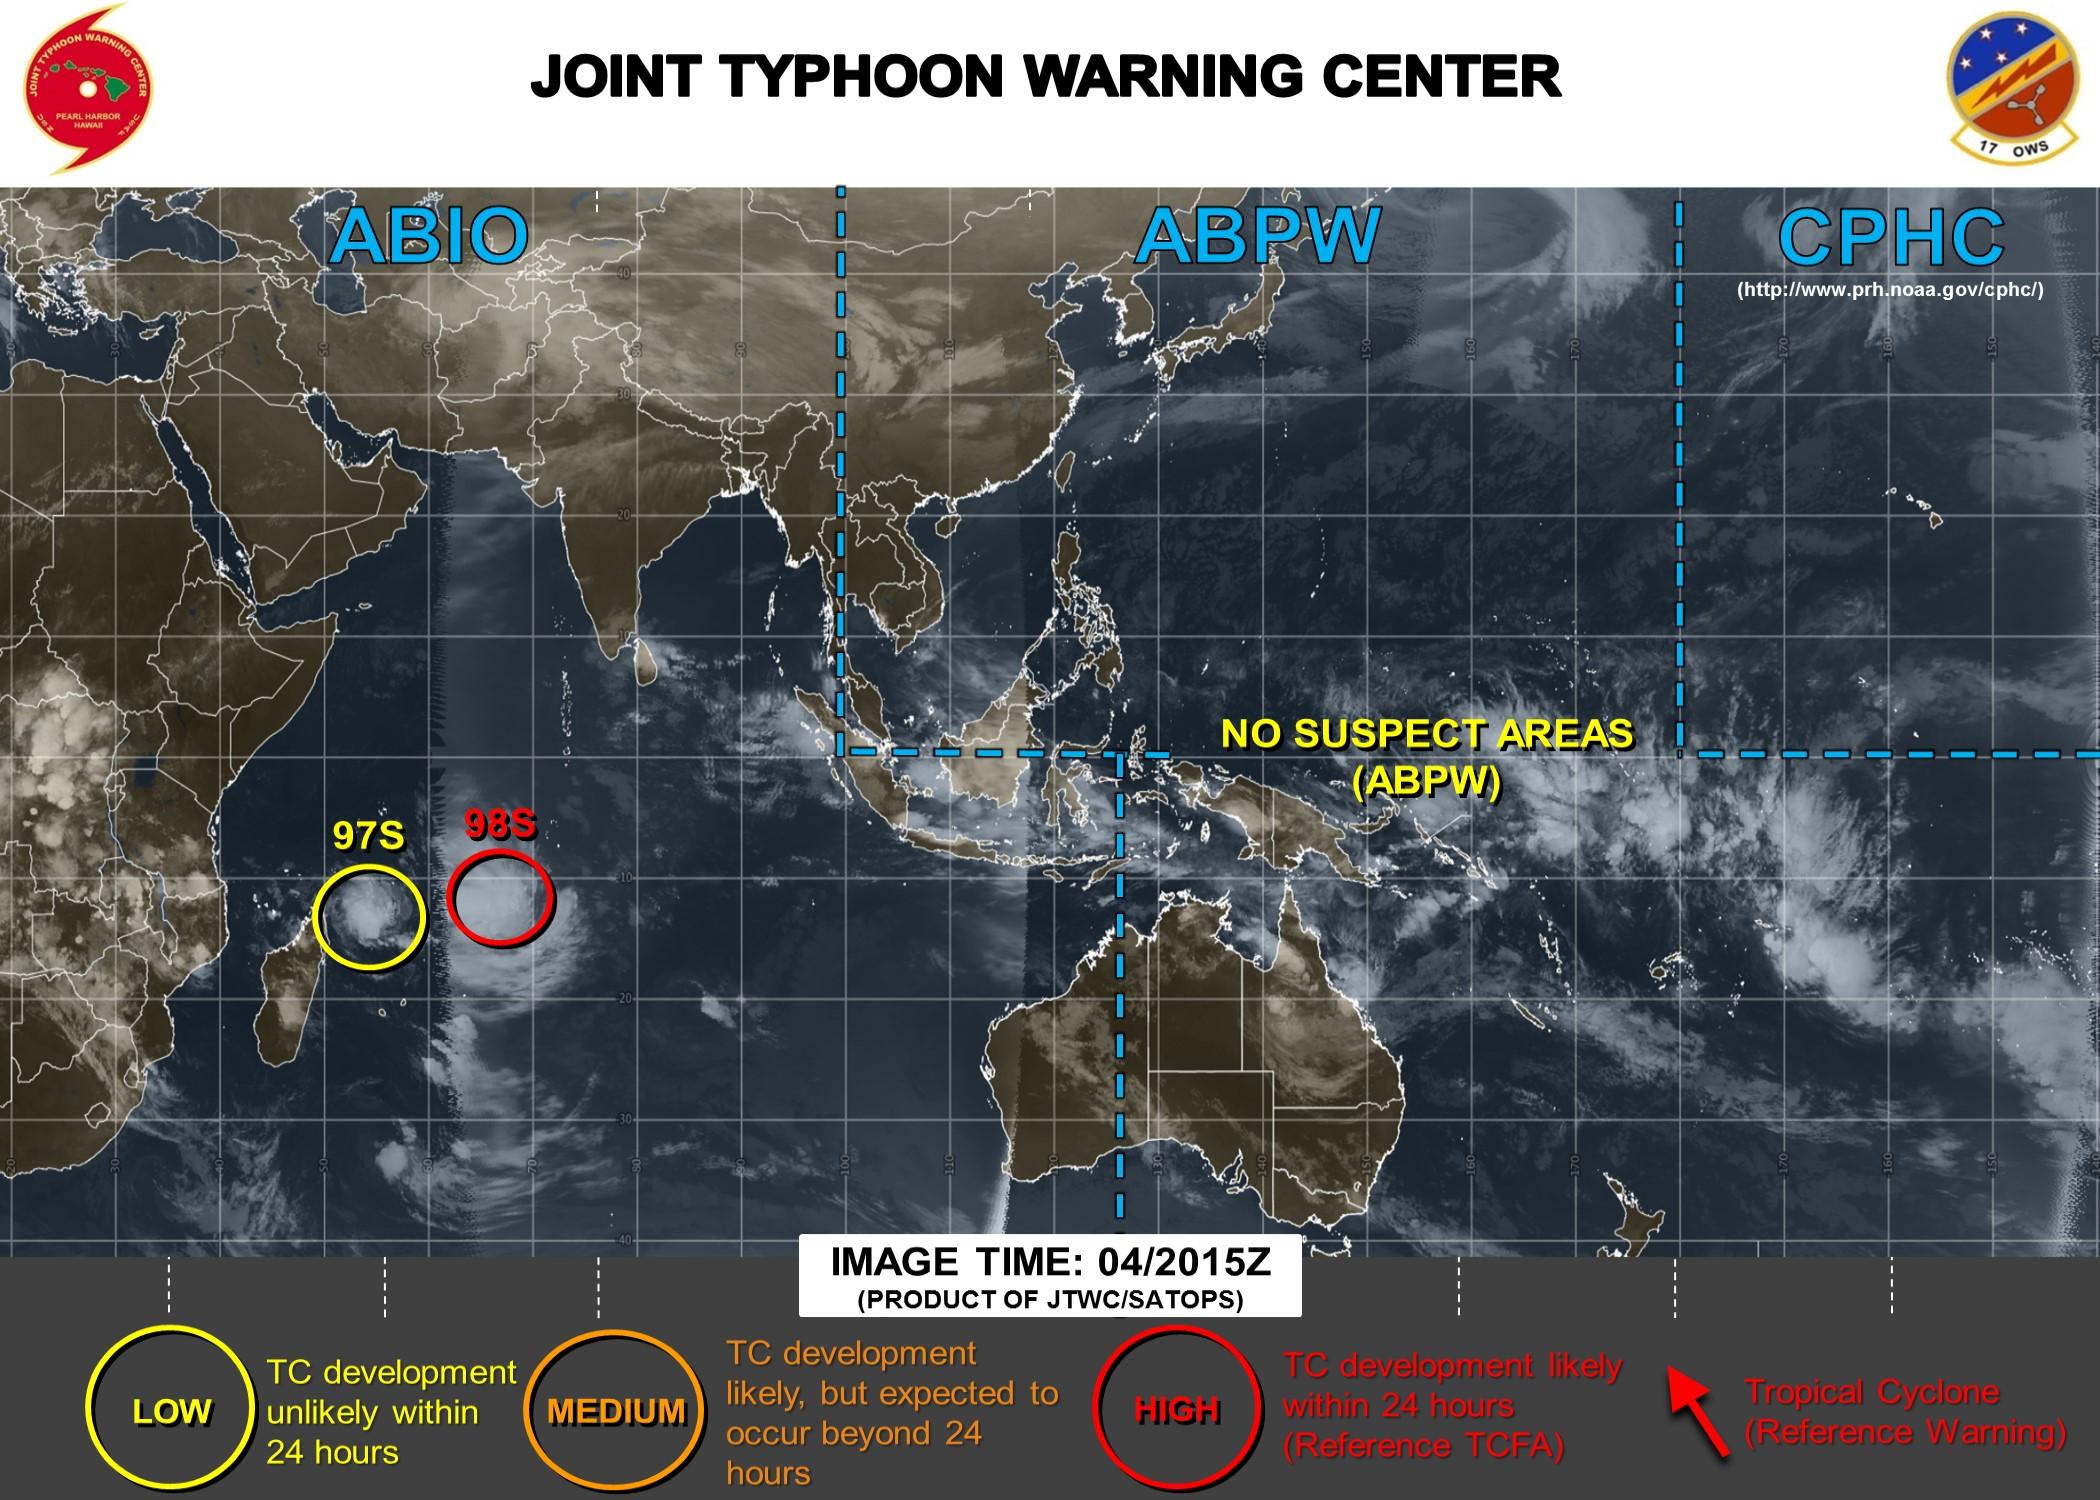 Carte du JTWC: 98S a de fortes chances de s'intensifier en dépression tropicale dans les prochaines heures. De son côté 97S est sous surveillance.